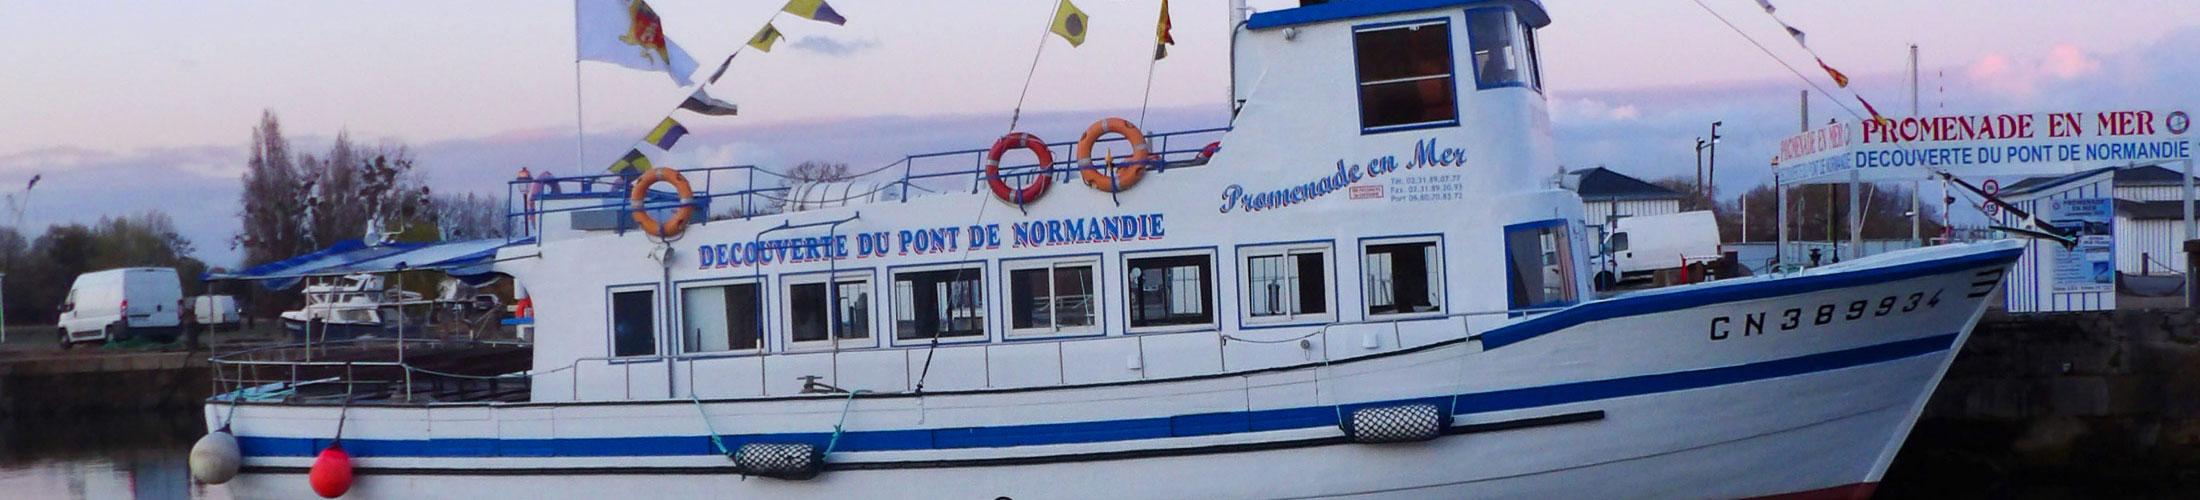 Les Promenades en bateau à Honfleur, nous ont confié il y a quelques année la refonte de leur site internet et d'une application Mobile à l'époque. Depuis 1